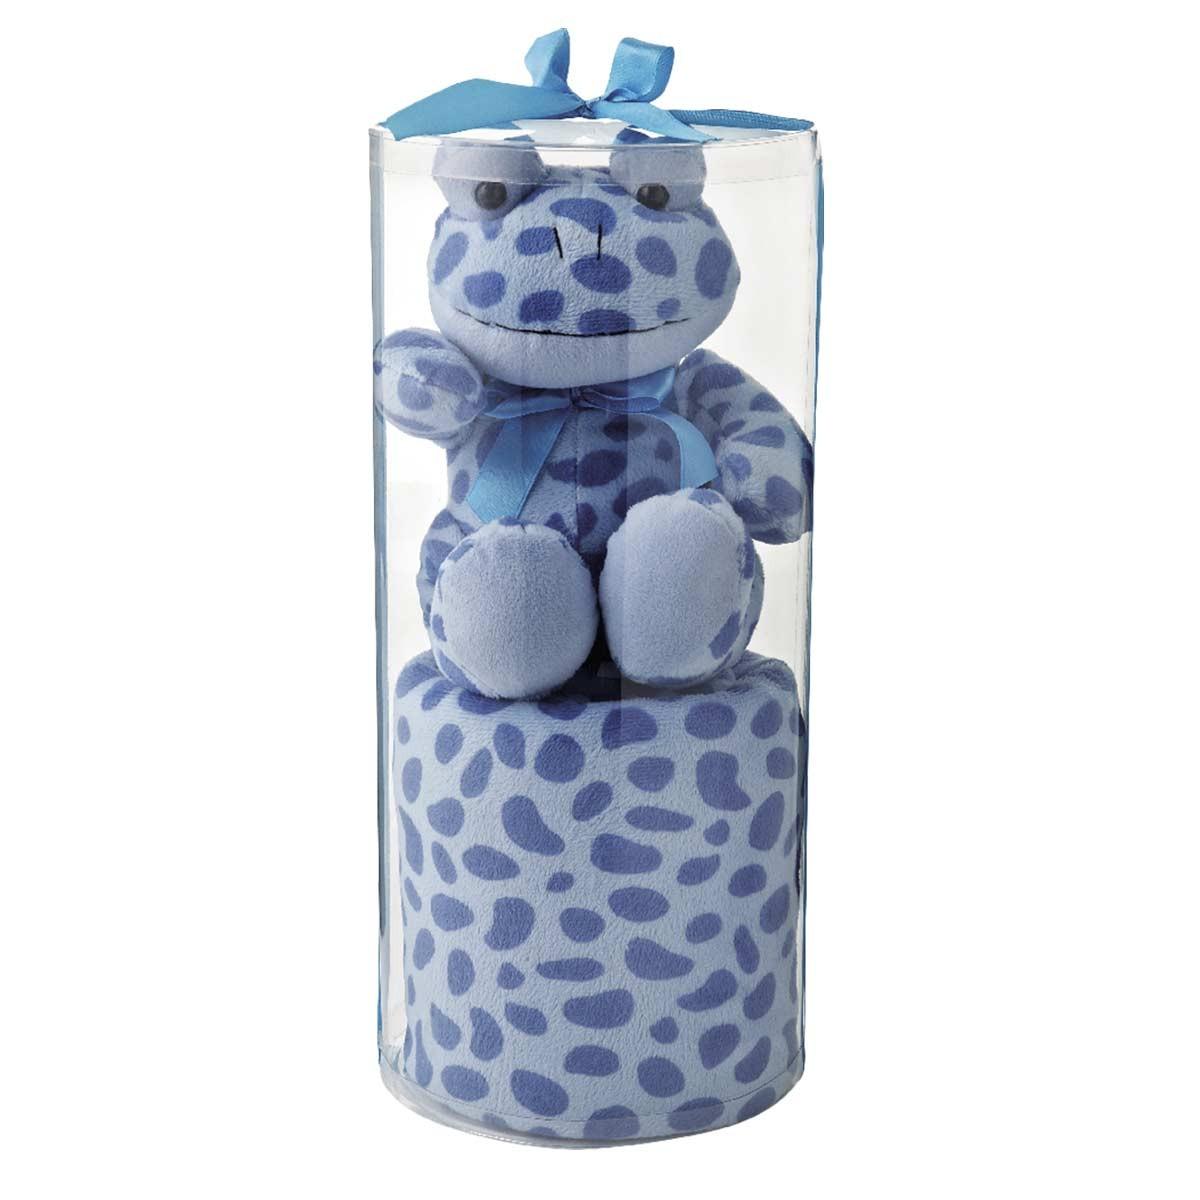 Κουβέρτα Fleece Αγκαλιάς White Egg 2151 A/Blue